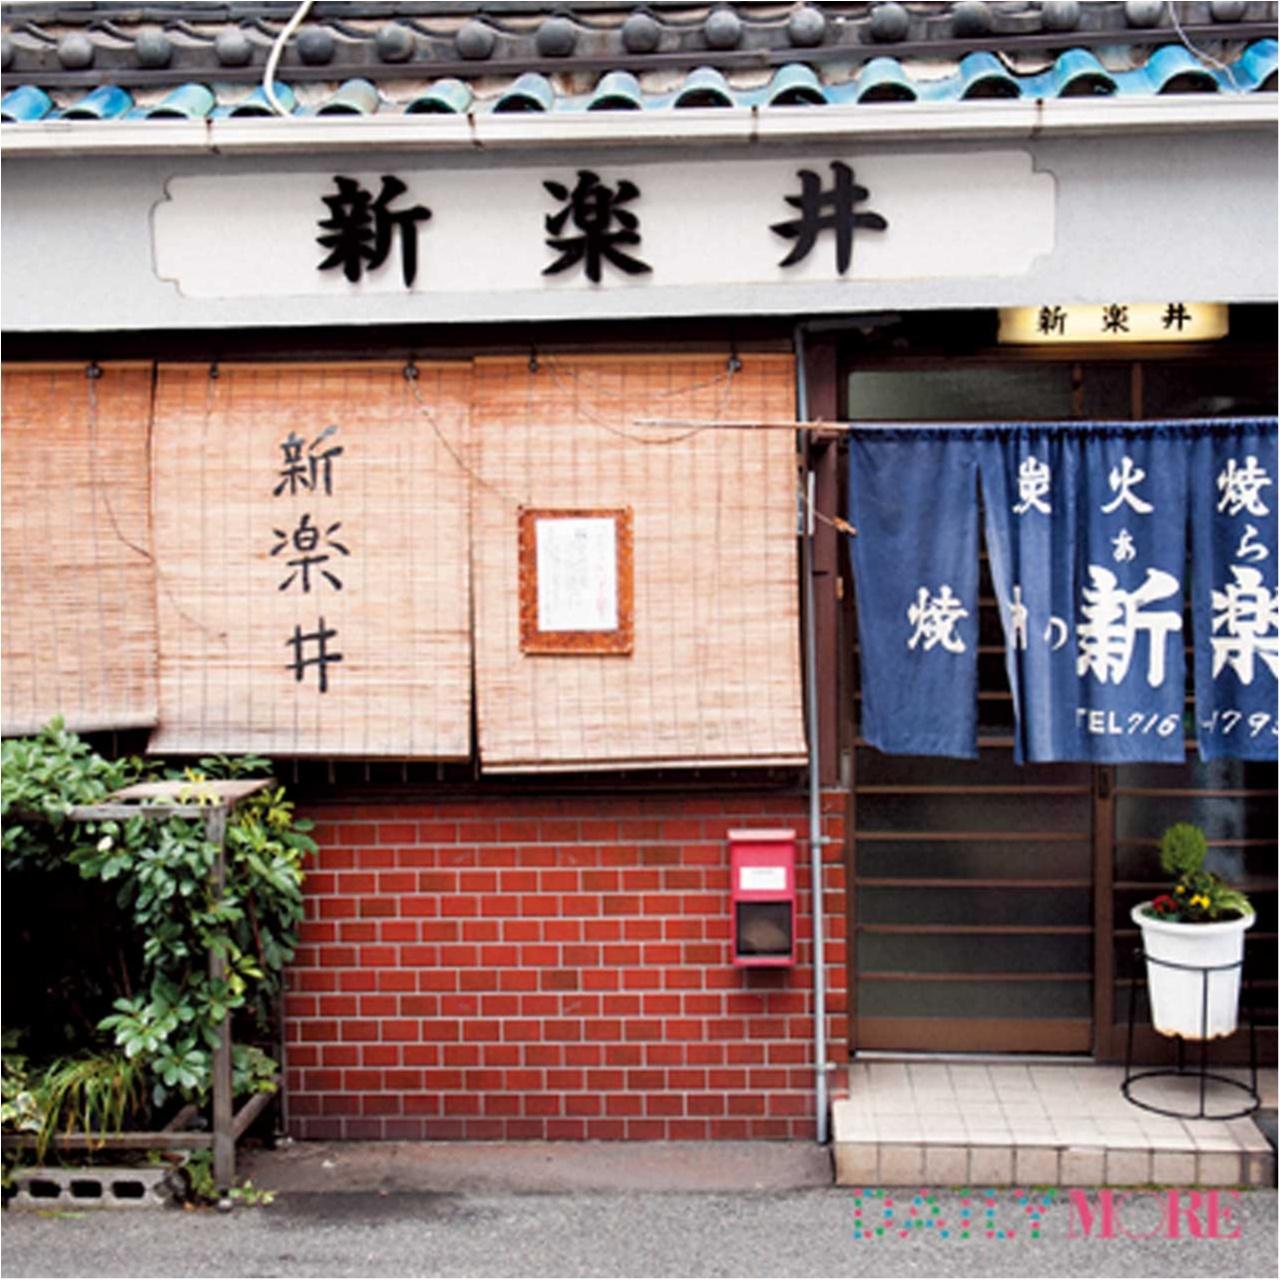 大阪のおすすめ焼肉店7選 - コスパの高い鶴橋の人気店や、芸能人御用達の老舗など_14